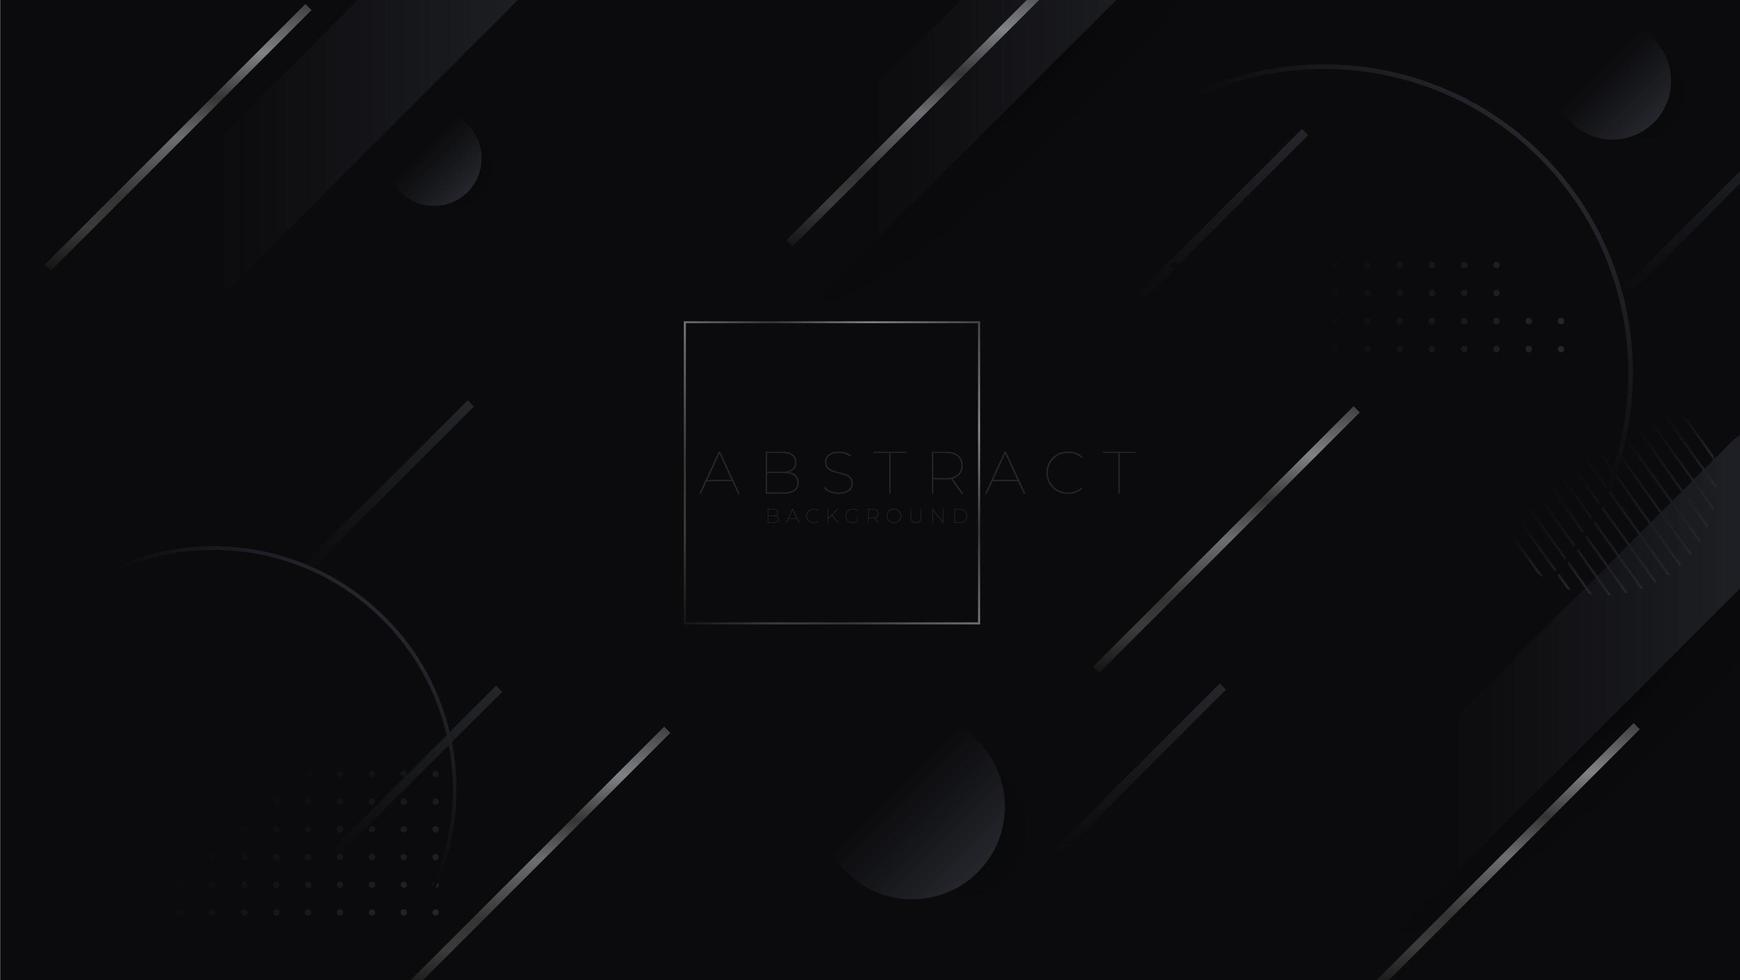 schwarzer abstrakter minimalistischer Hintergrund mit dunkler geometrischer Form. moderne Designdekoration strukturierte Luxusgradienten geometrische Elemente vektor